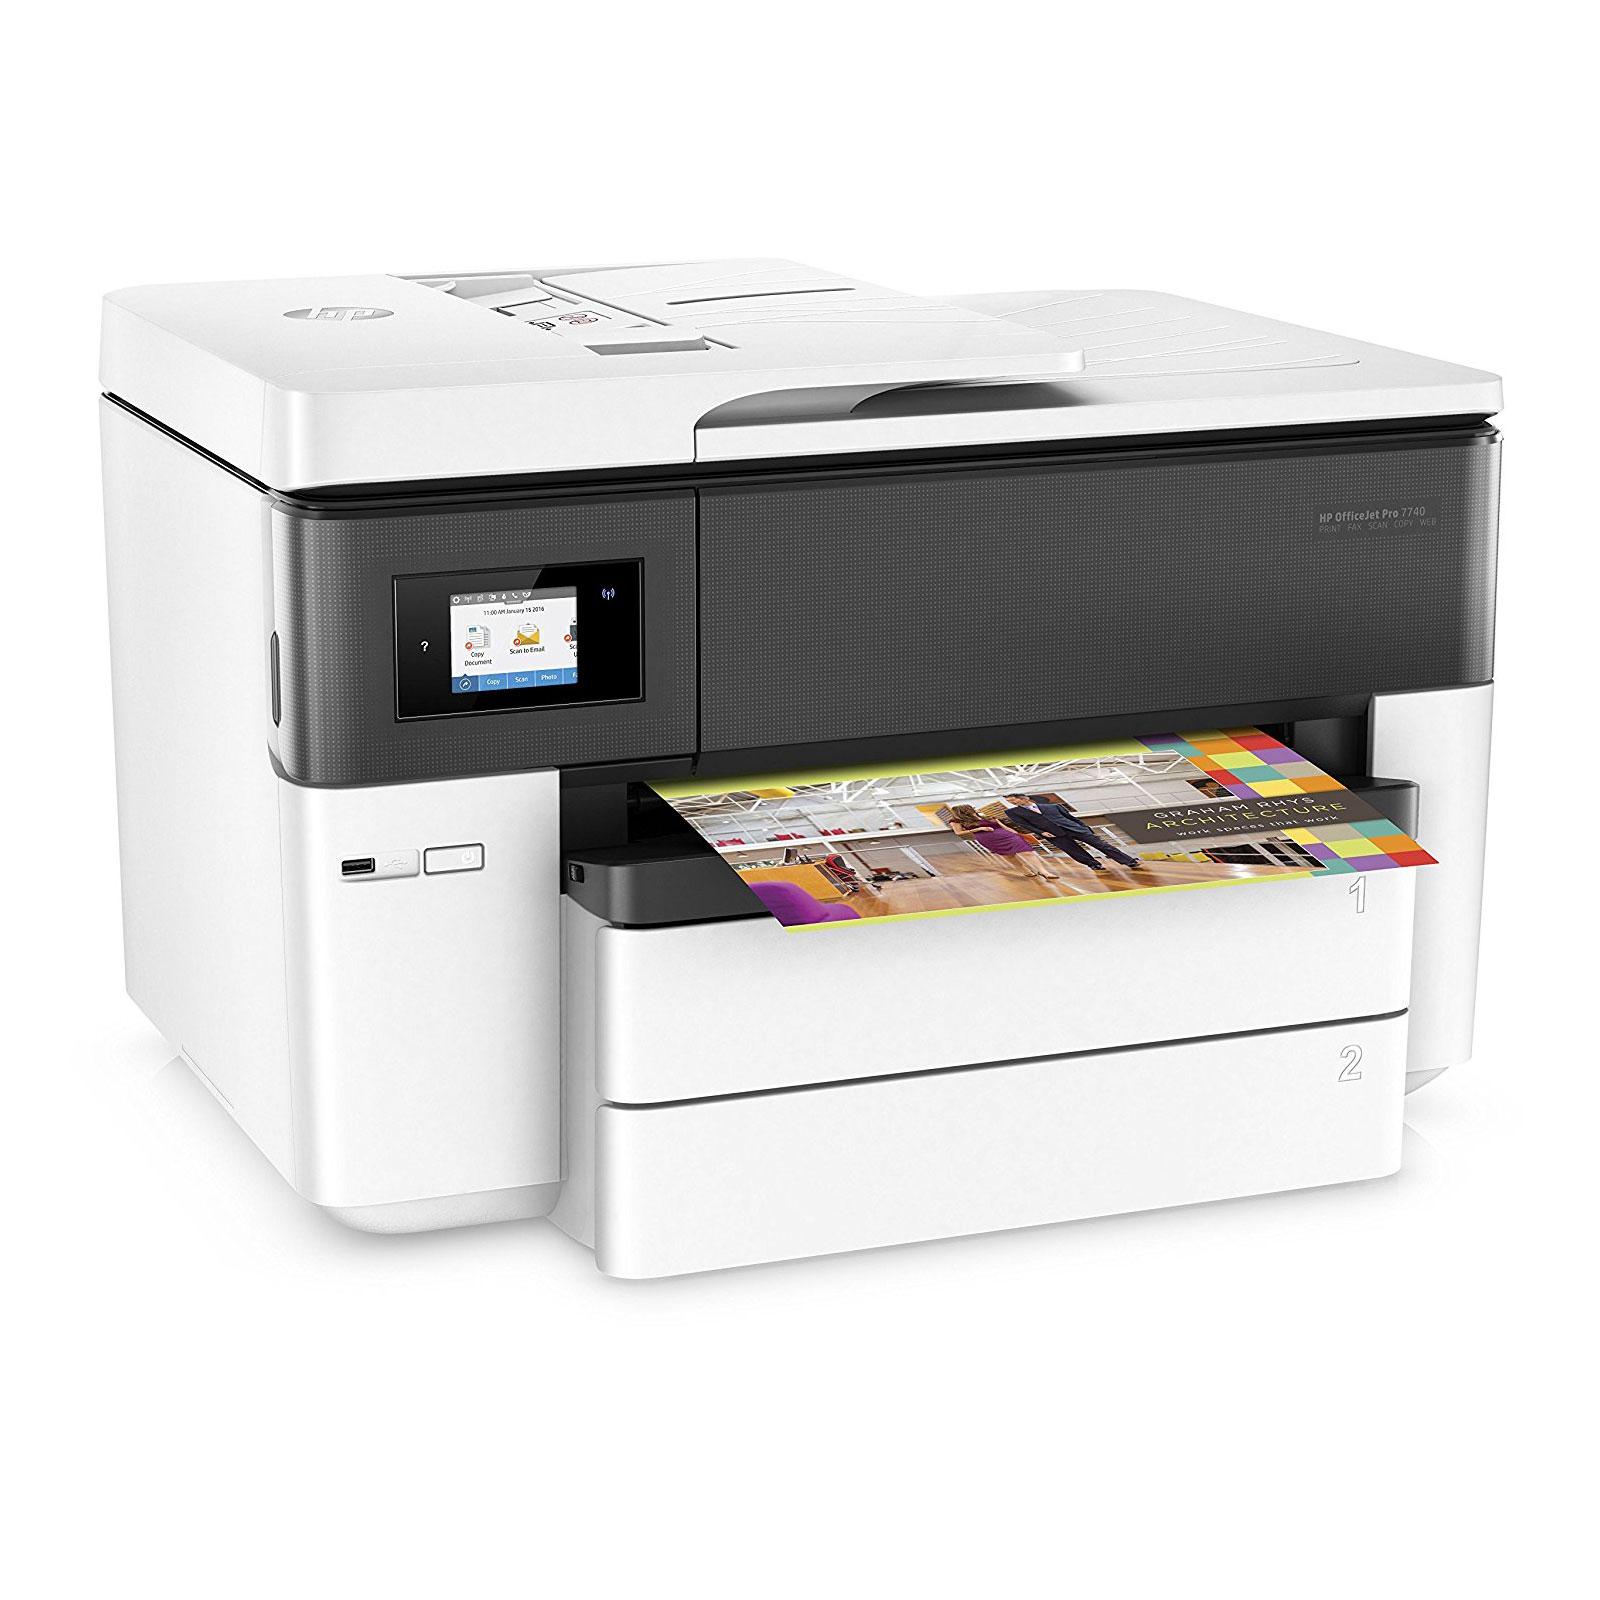 hp officejet pro 7740 imprimante multifonction hp sur. Black Bedroom Furniture Sets. Home Design Ideas